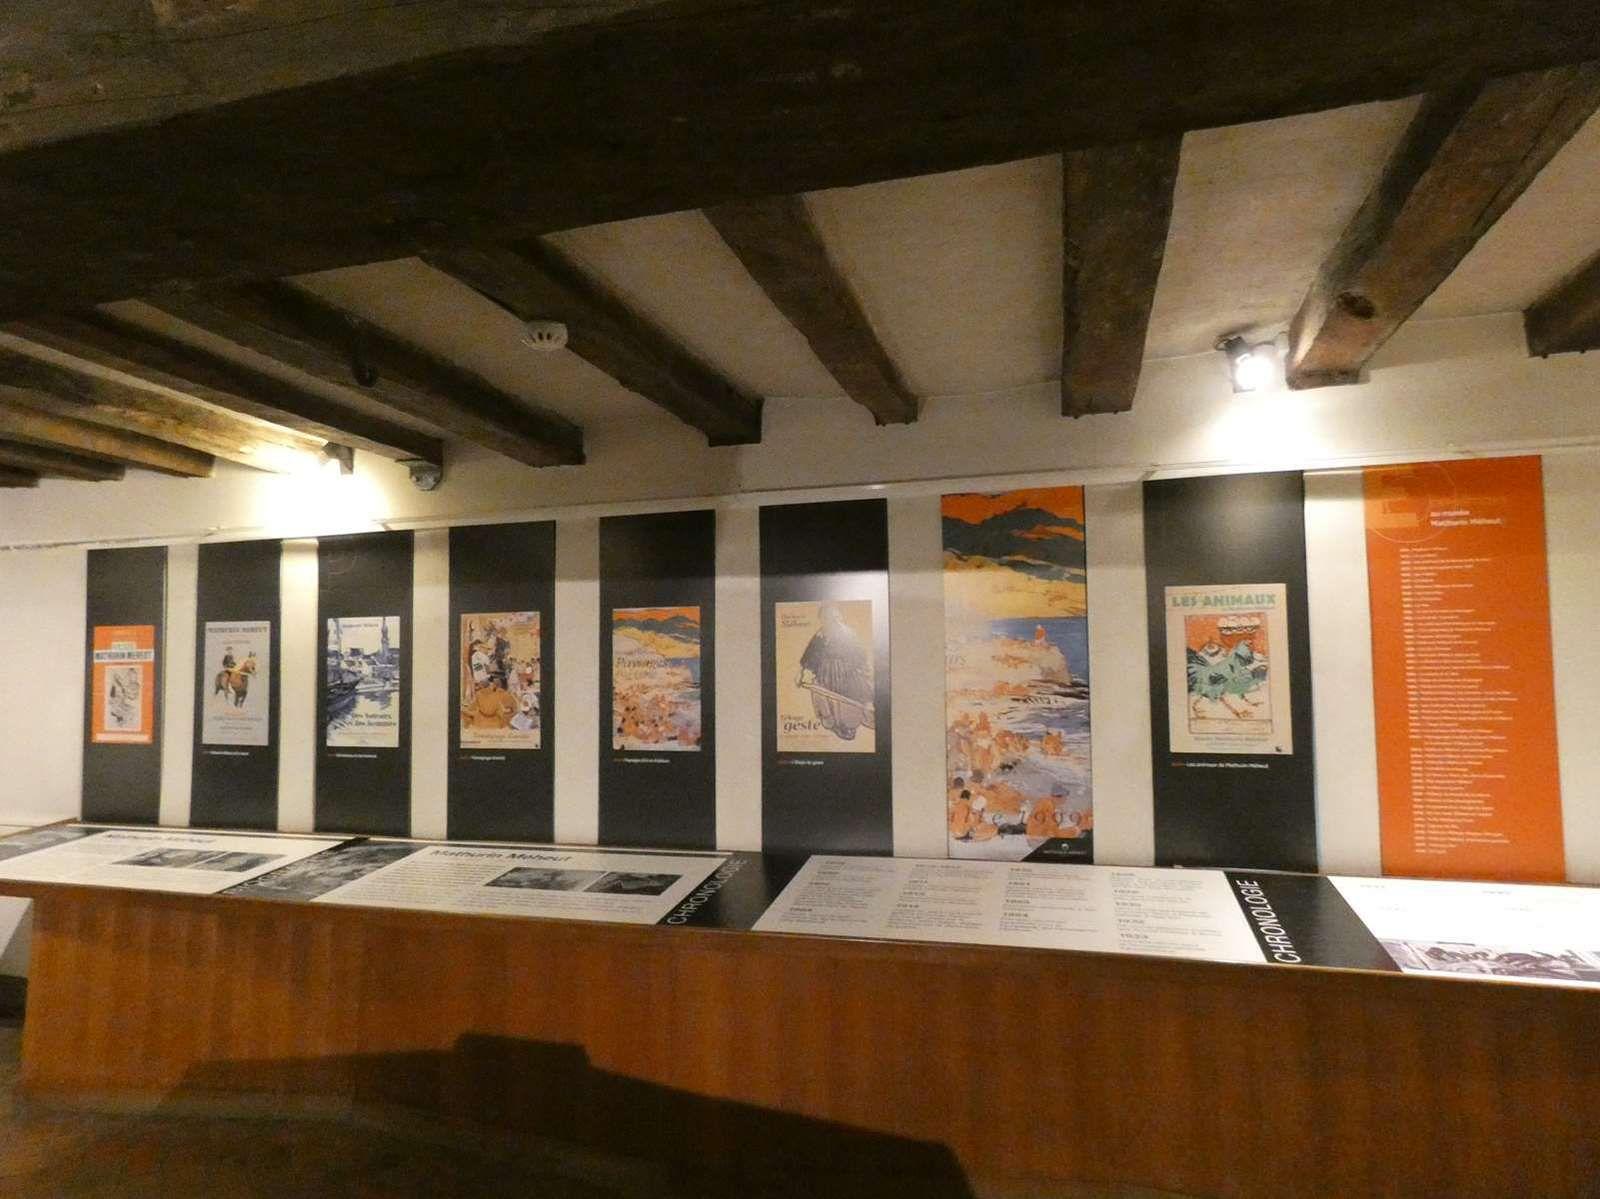 Pour débuter cet alphabet, quelques Affiches pour évoquer quelques expositions des années passées...